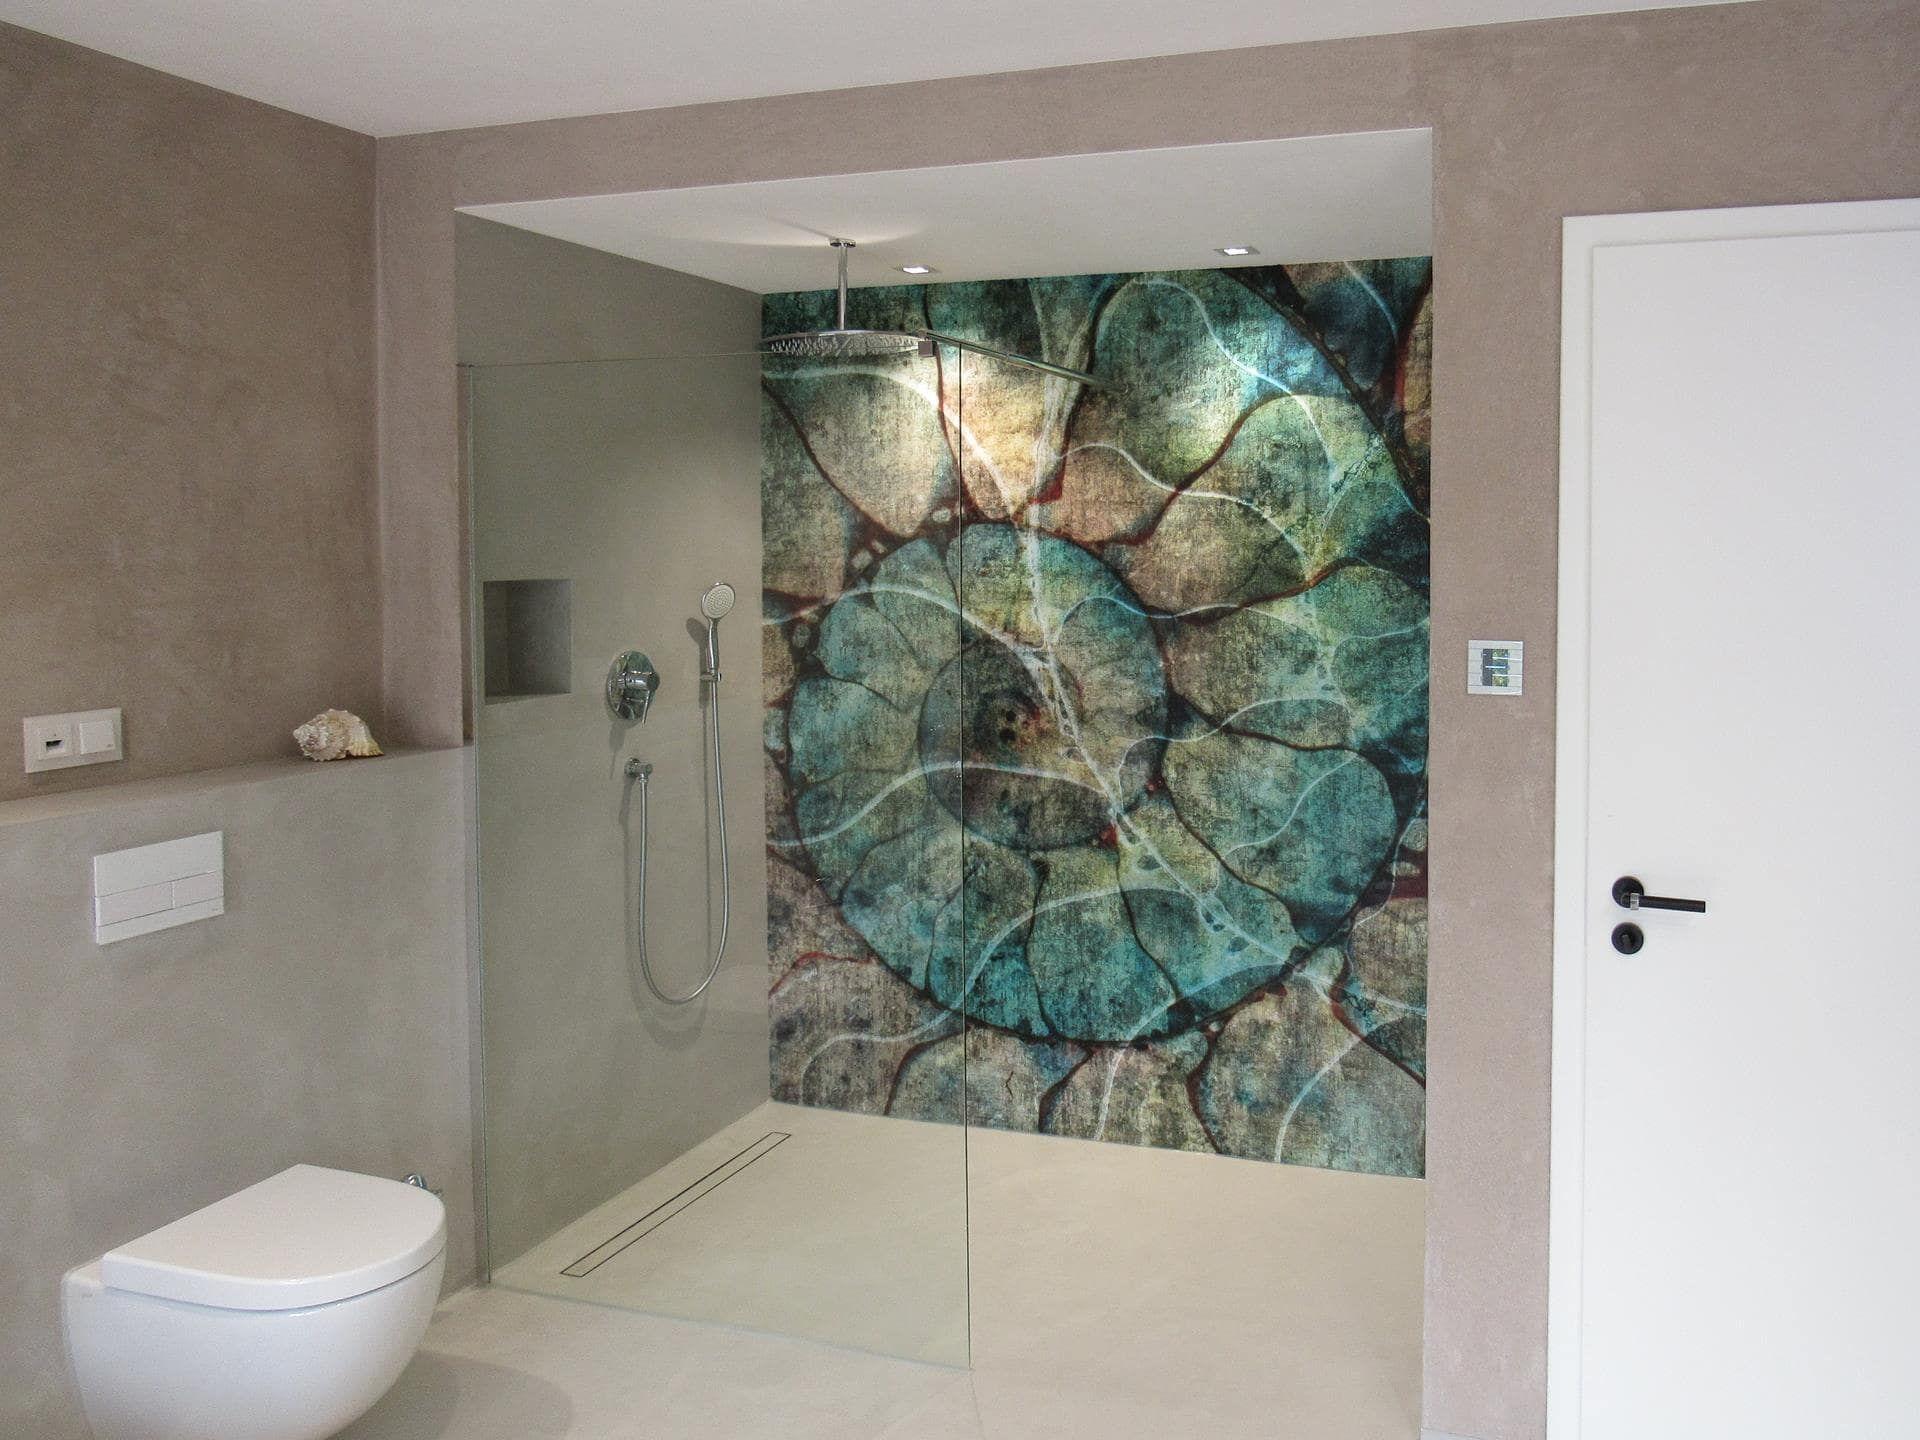 GLAMORA Wallcoverings, Tapete in der Dusche!  Badezimmer tapete